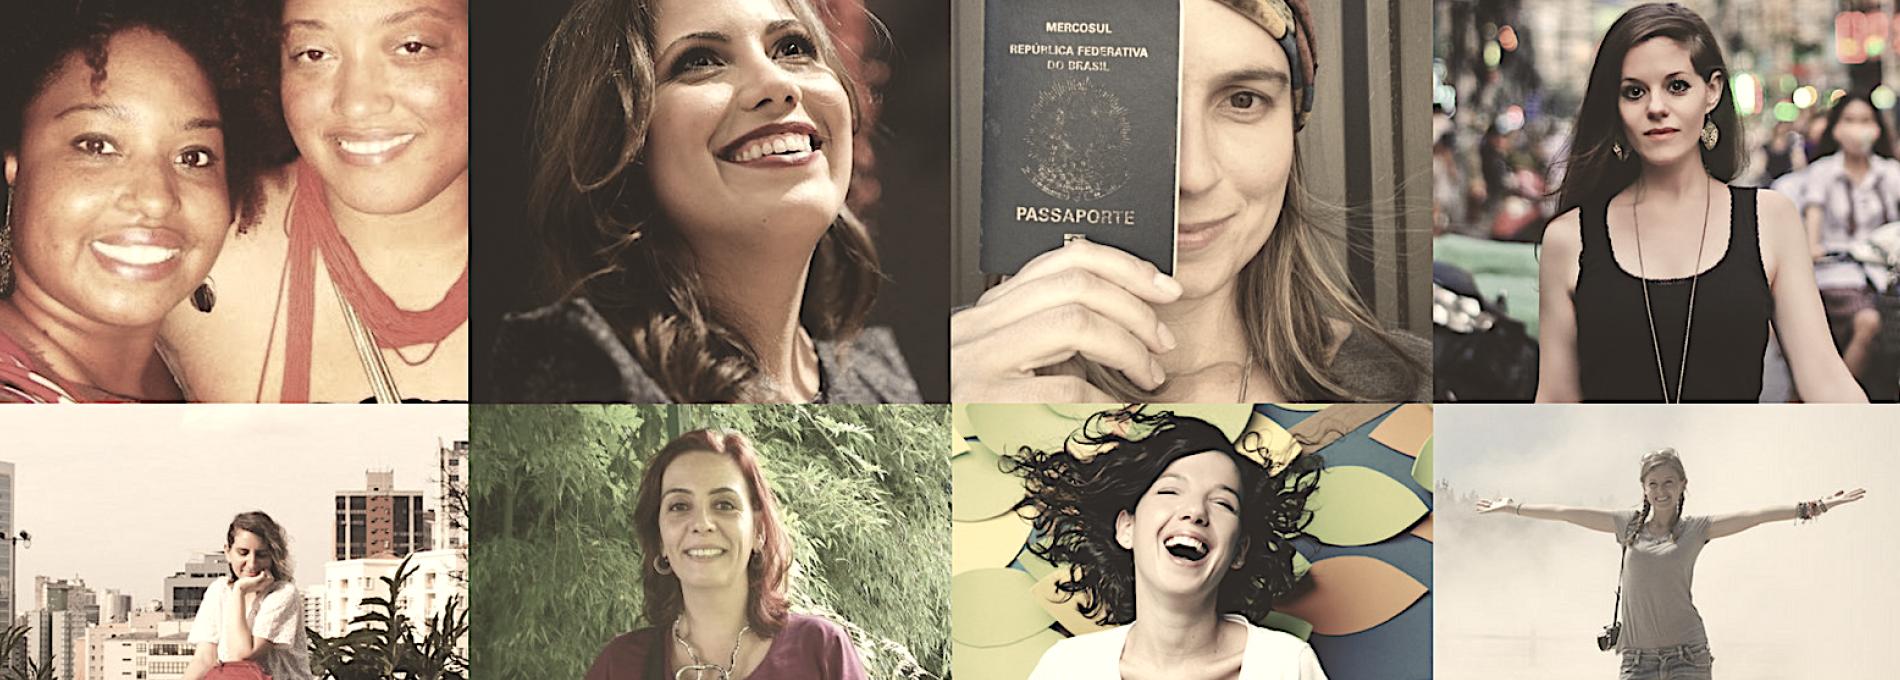 Seis blogueiras de viagem para conhecer